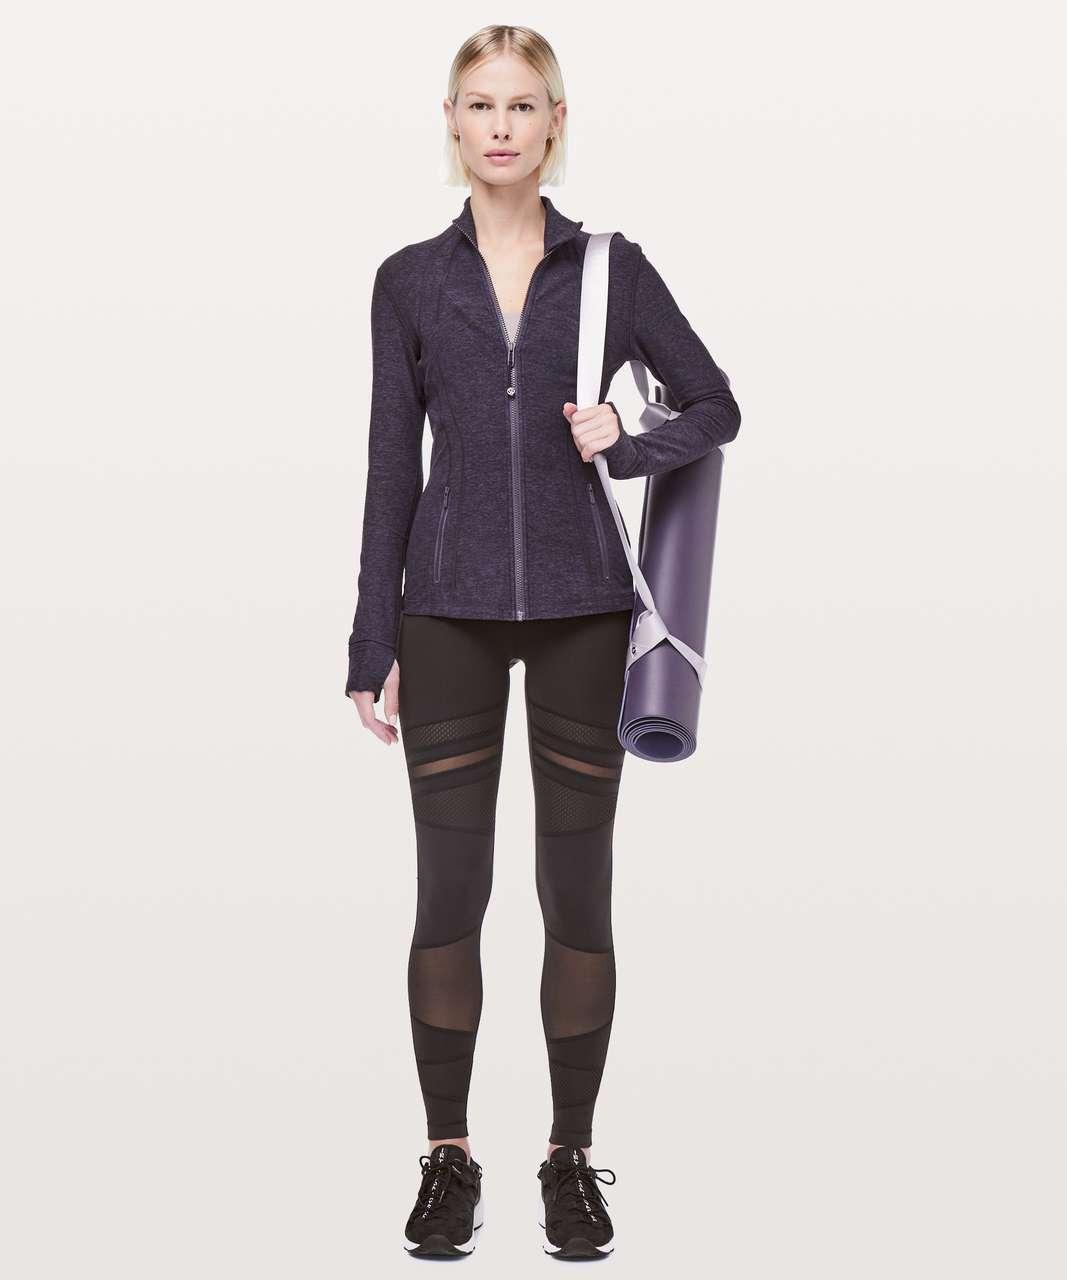 Lululemon Define Jacket *Rulu - Heathered Cyber / Black